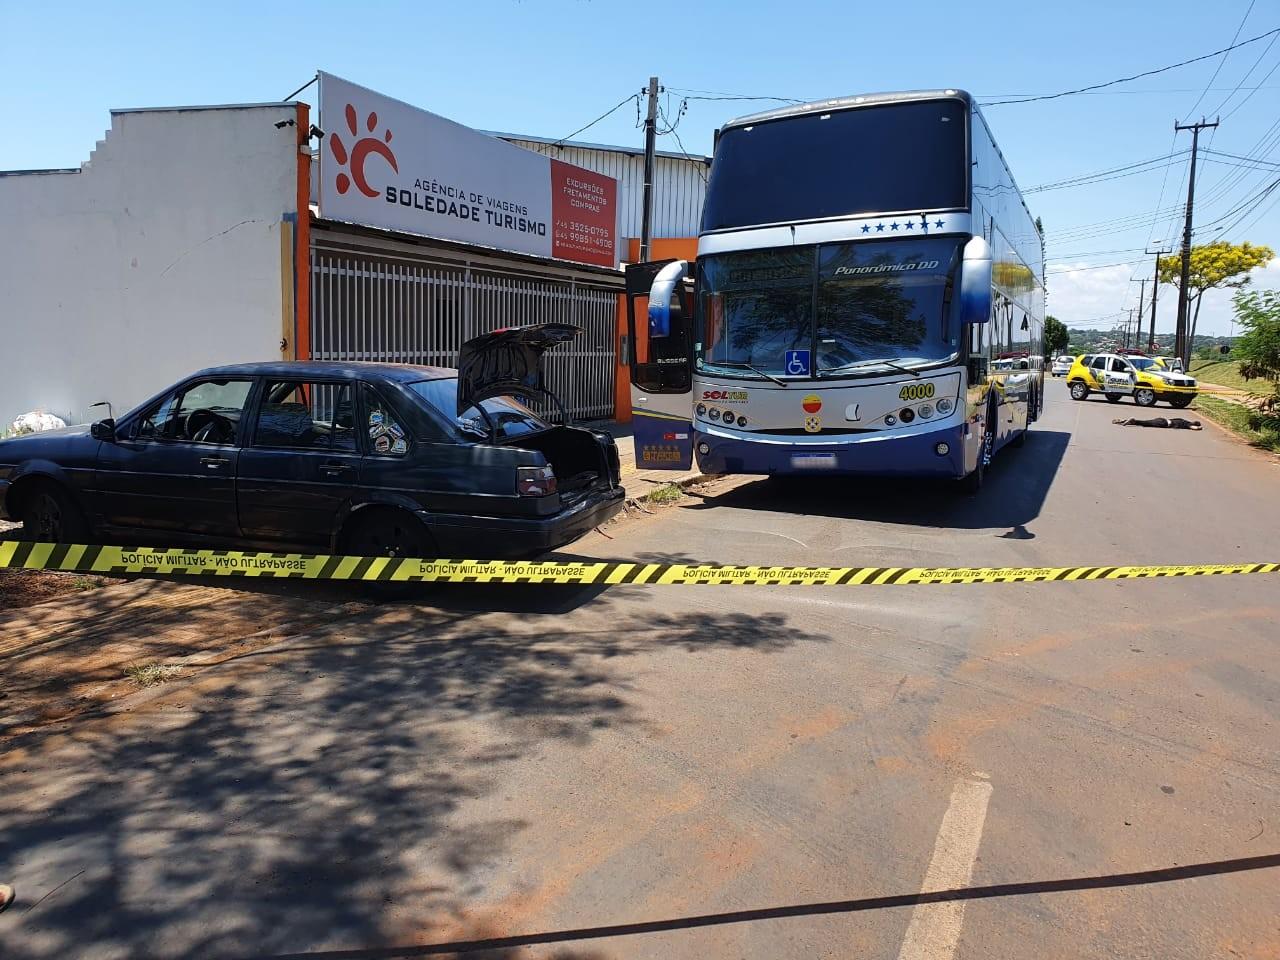 Suspeitos trocam tiros com policiais após tentativa de assalto a agência de viagens em Foz do Iguaçu, diz PM